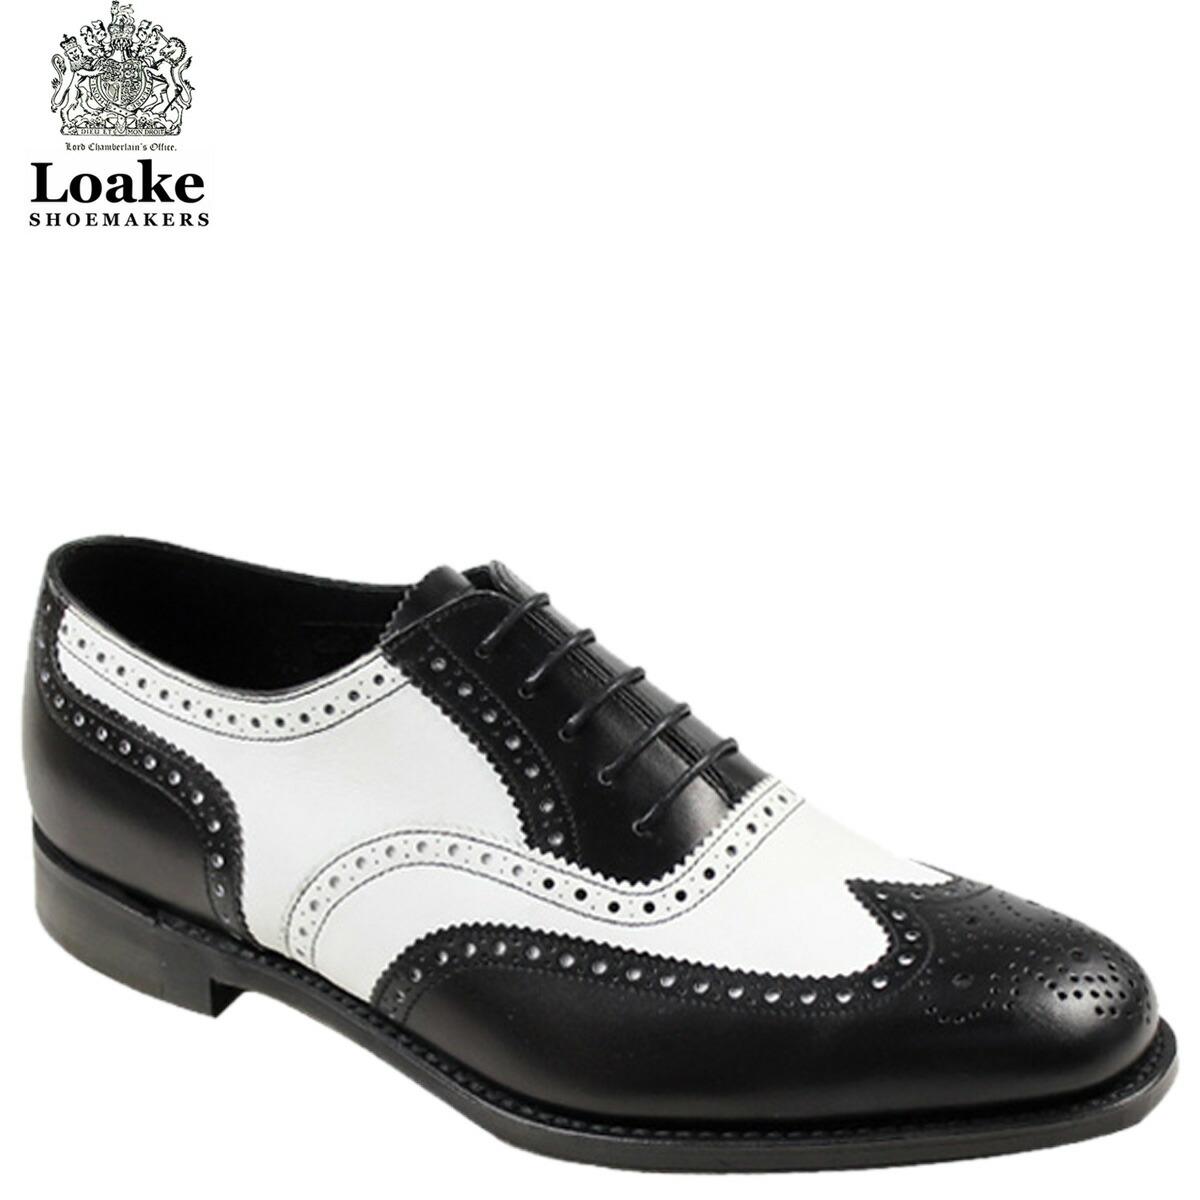 ロークは創設されて以来、グッドイヤーウエルトの靴をおそらく5000万足以上作ってきたと見積もられています。それぞれの靴は、作るために約8週間かかりますが、